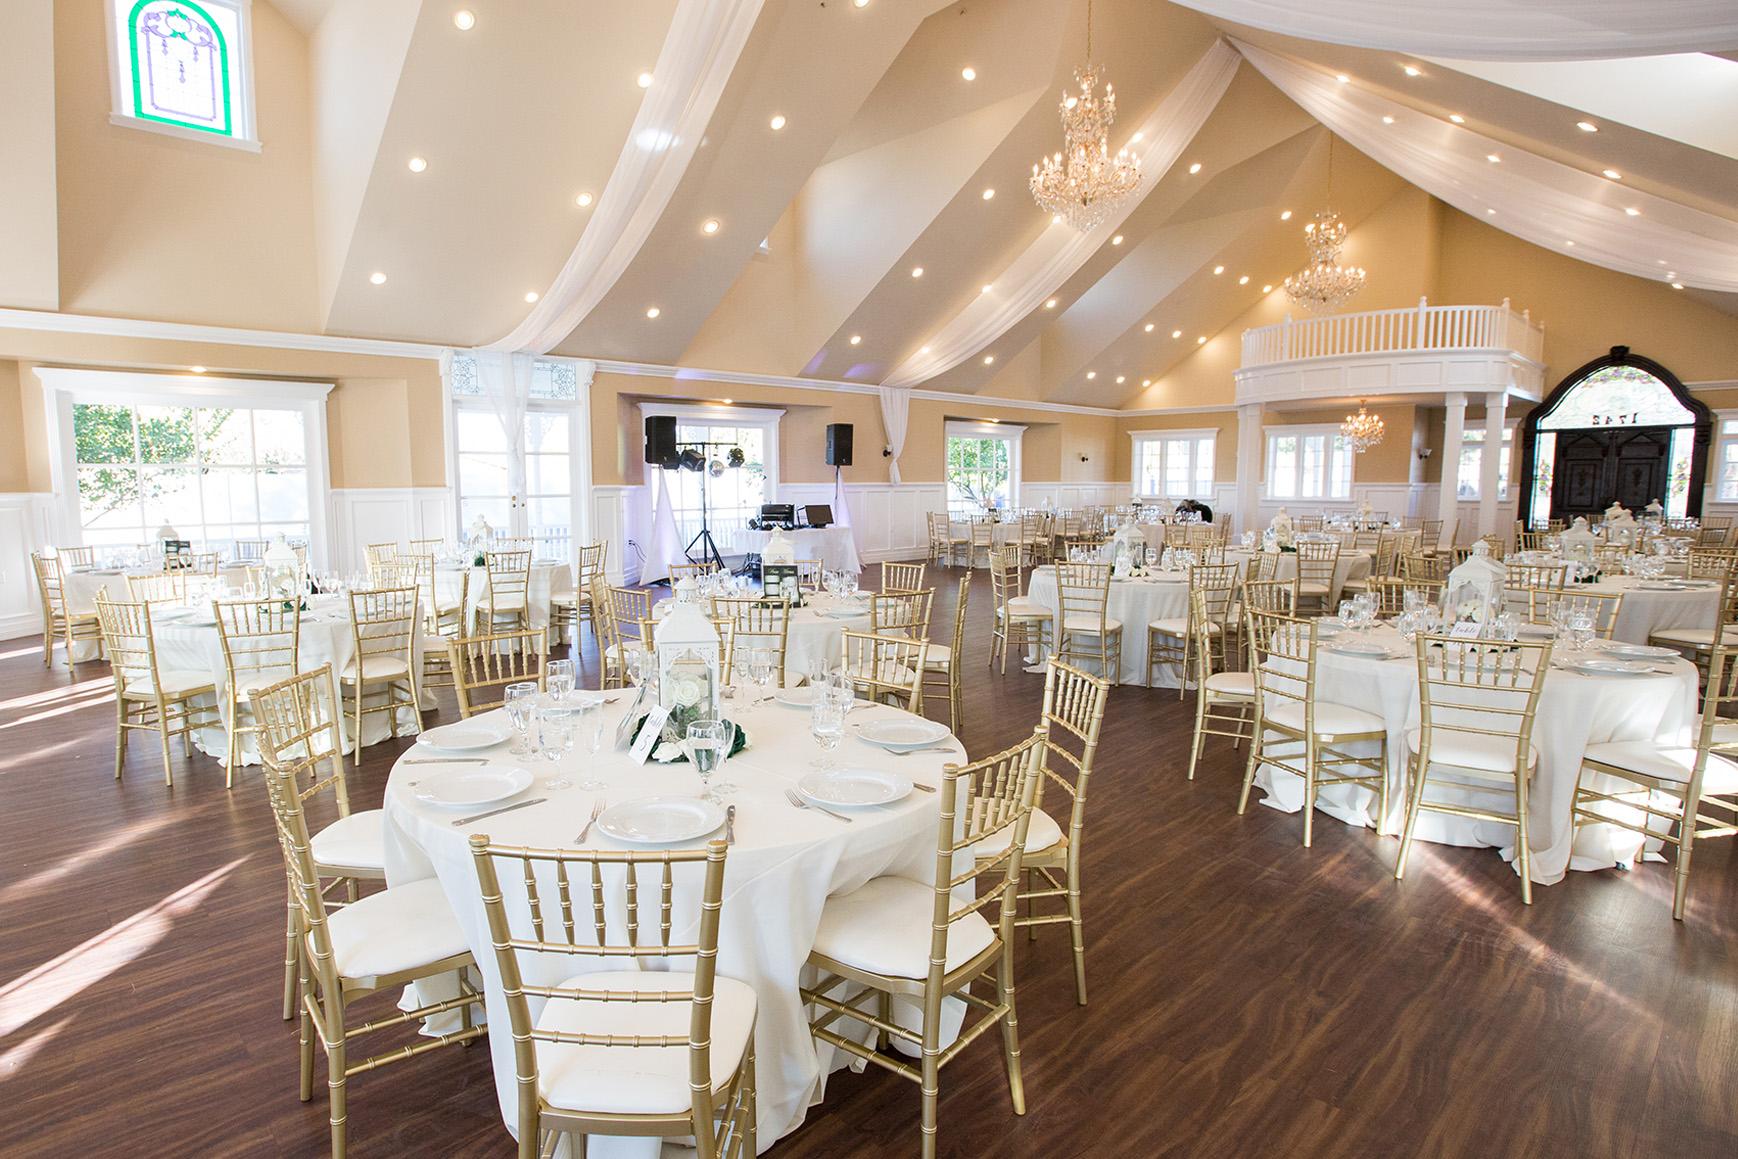 Stunning indoor reception space - Lindsay Grove - Mesa, Arizona - Maricopa County - Wedgewood Weddings